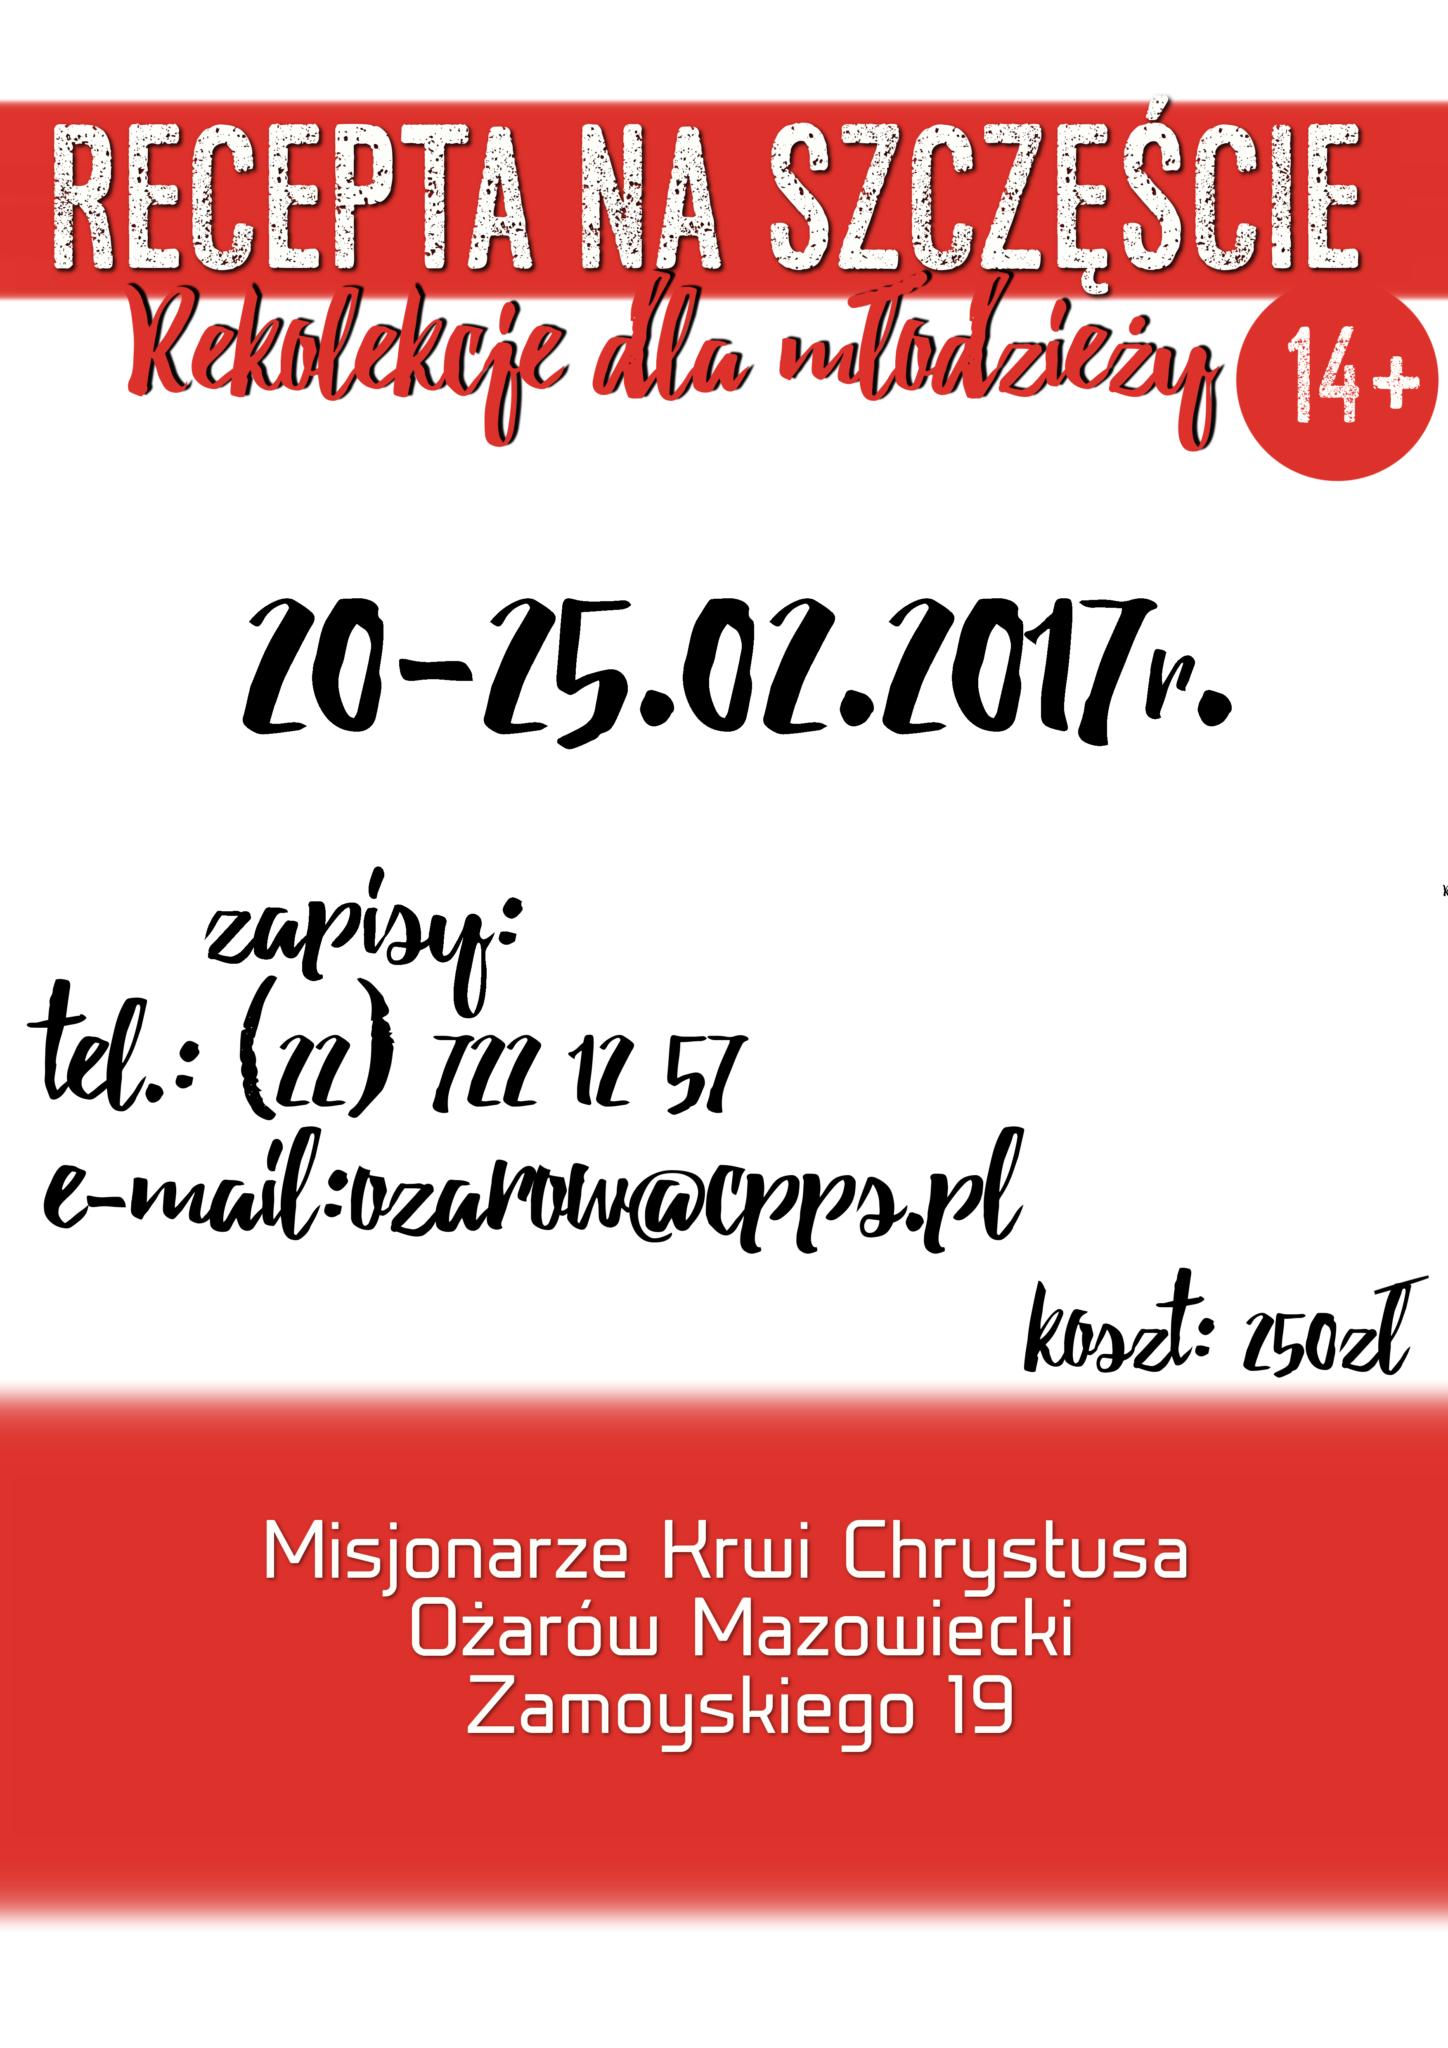 Rekolekcje dla młodzieży w Ożarowie Mazowieckim